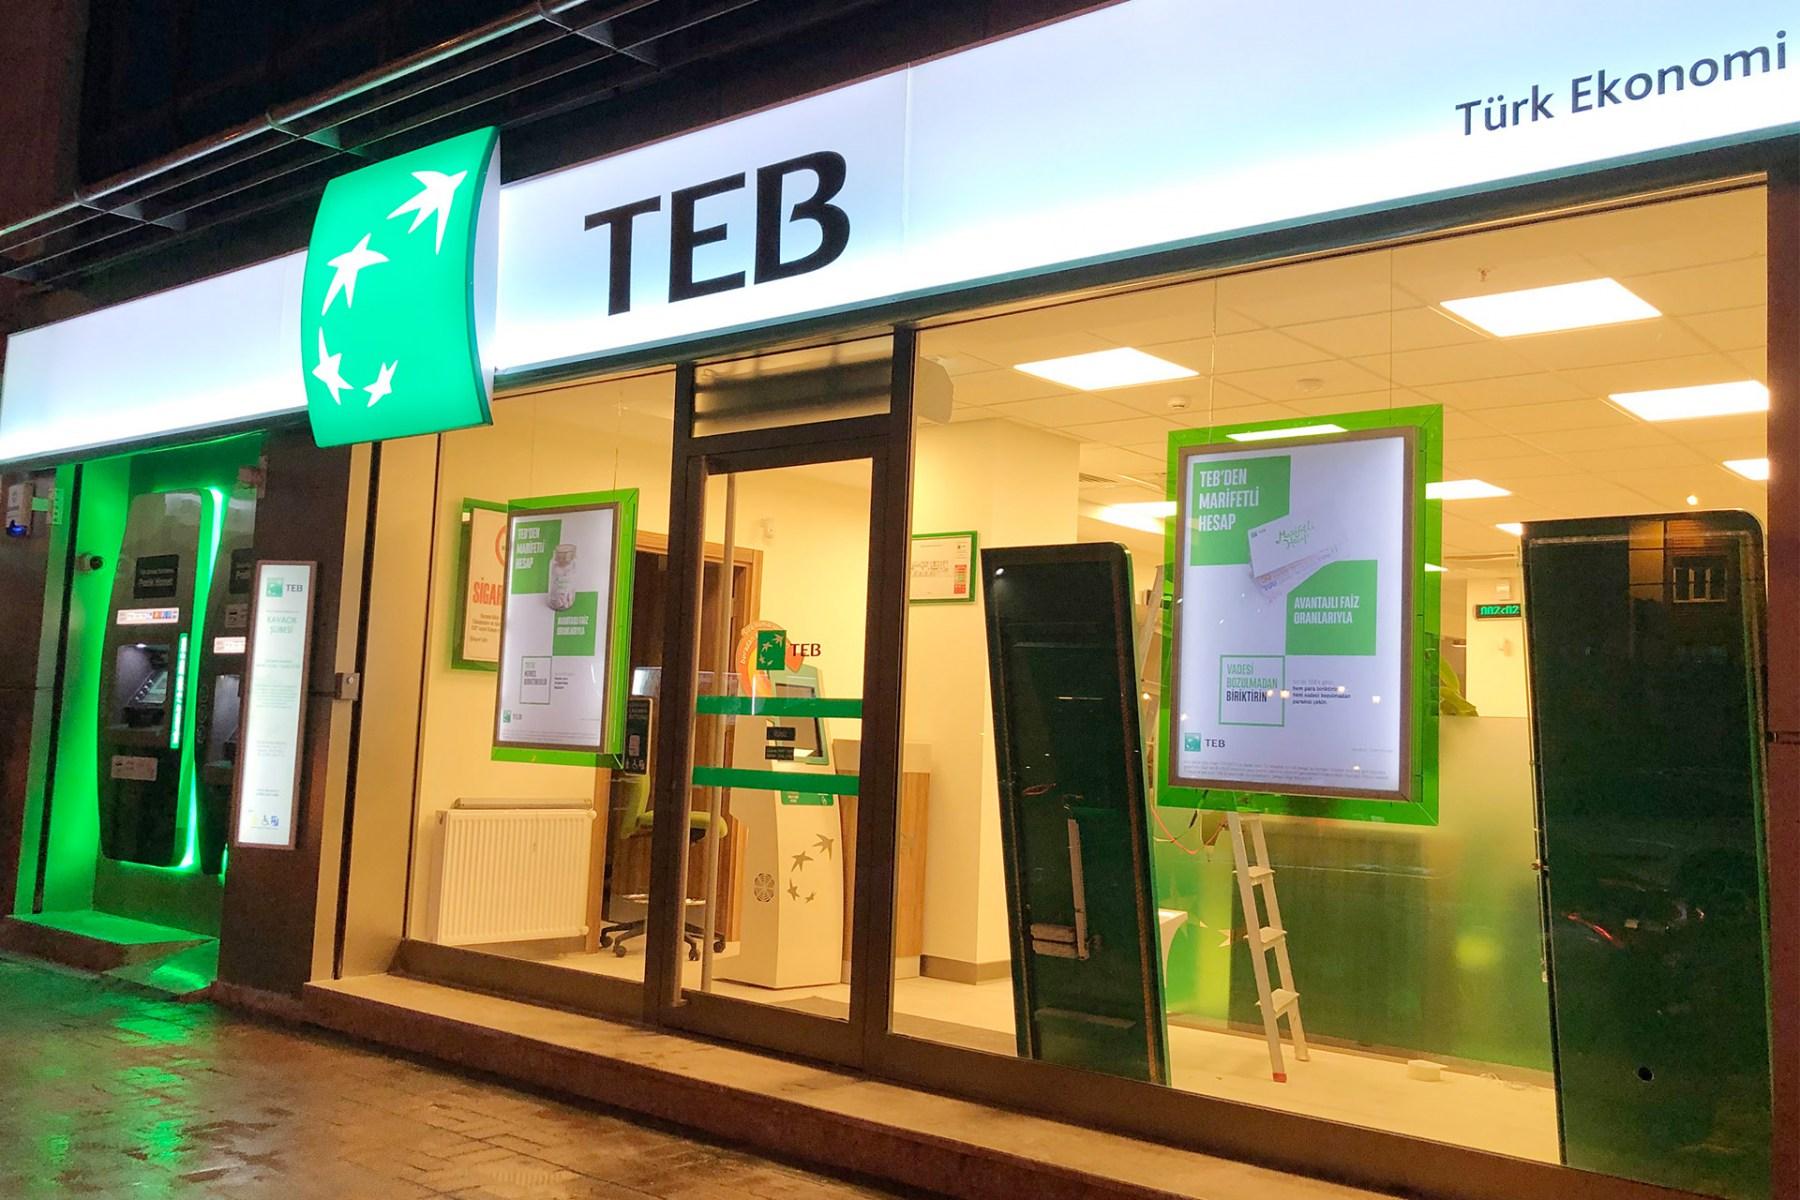 TEB Bankası En Yüksek Vadeli Faiz Oranı Nedir?